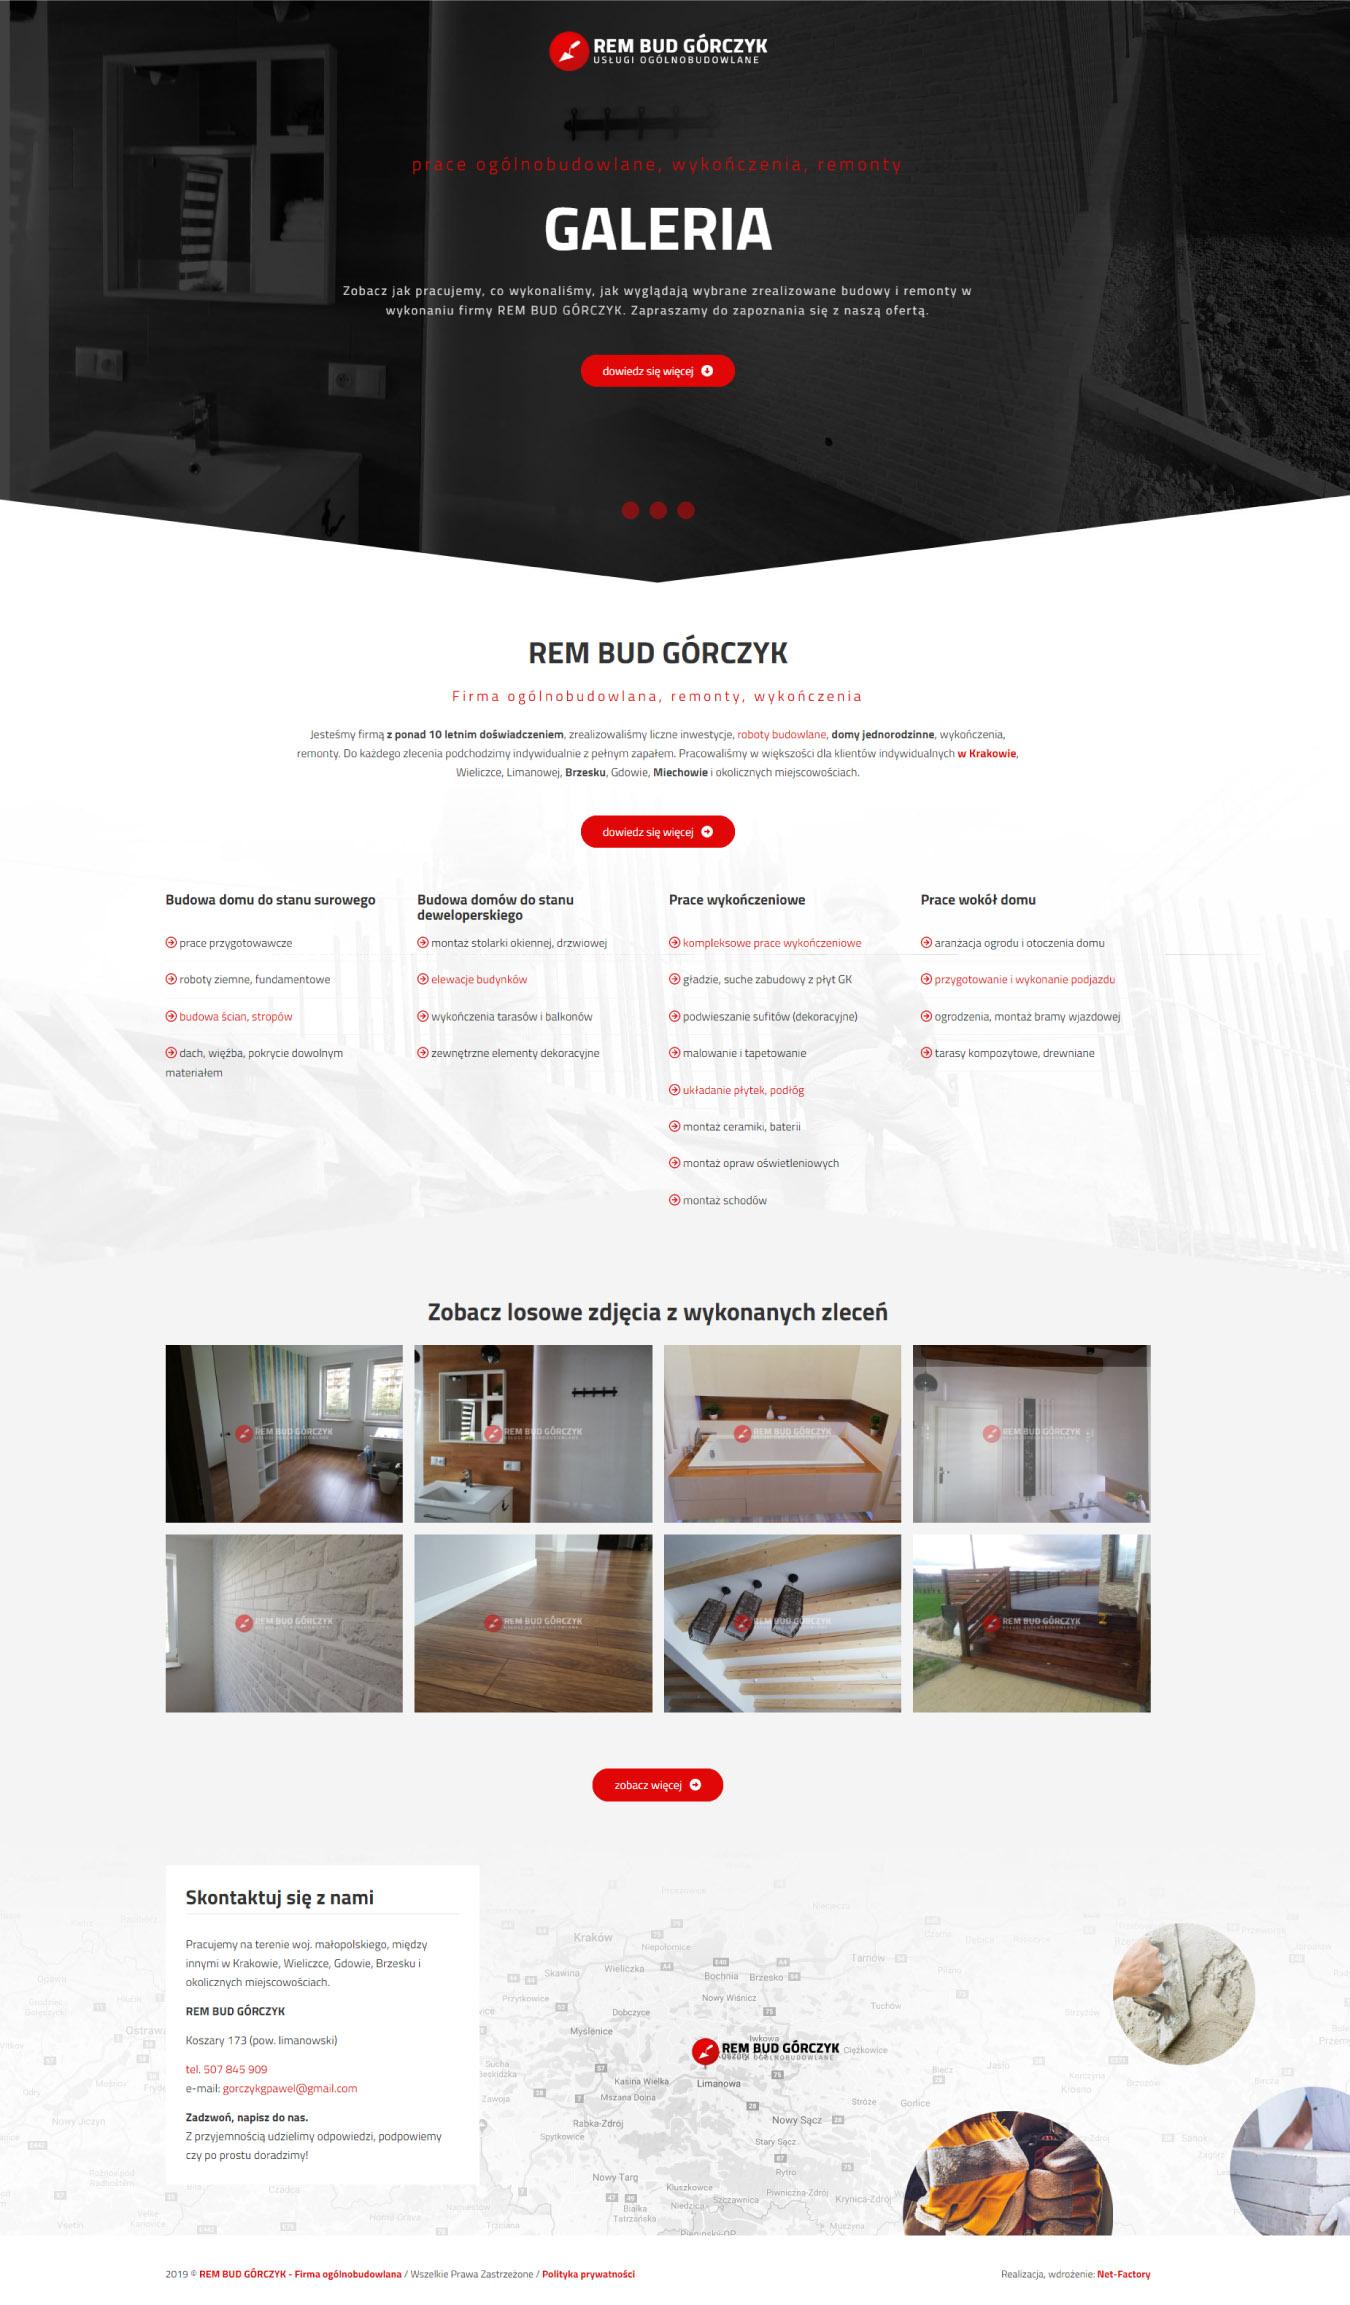 Responsywna prosta strona internetowa dla Rem Bud Górczyk